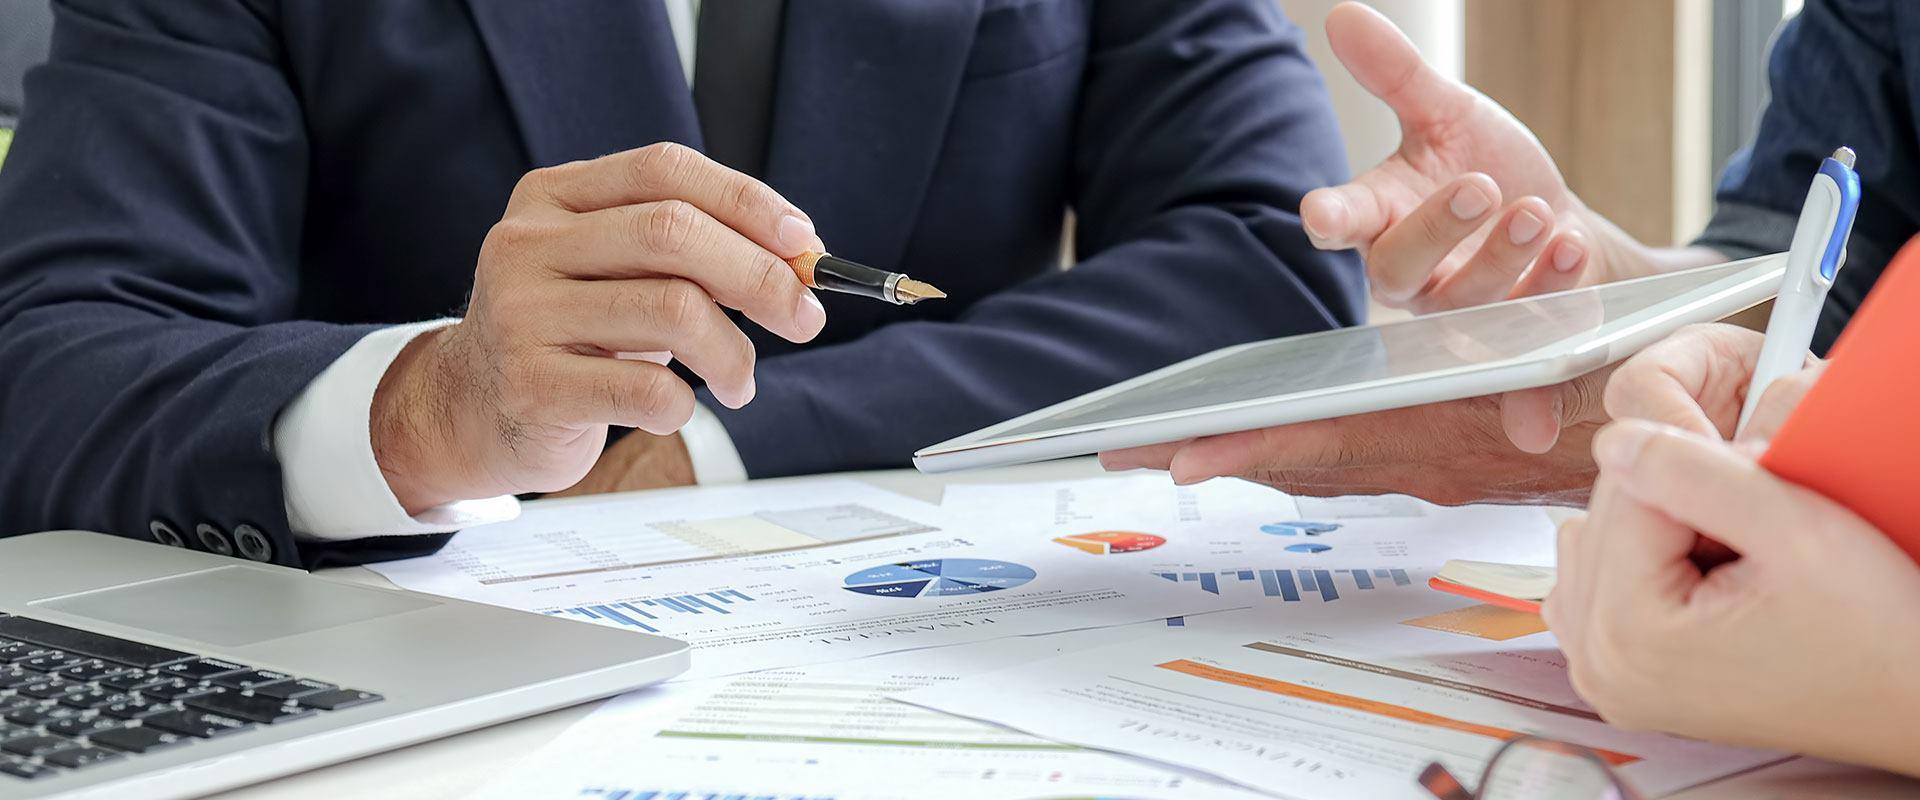 Finansal Ve Dış Ticaret Yönetim Danışmanlığı